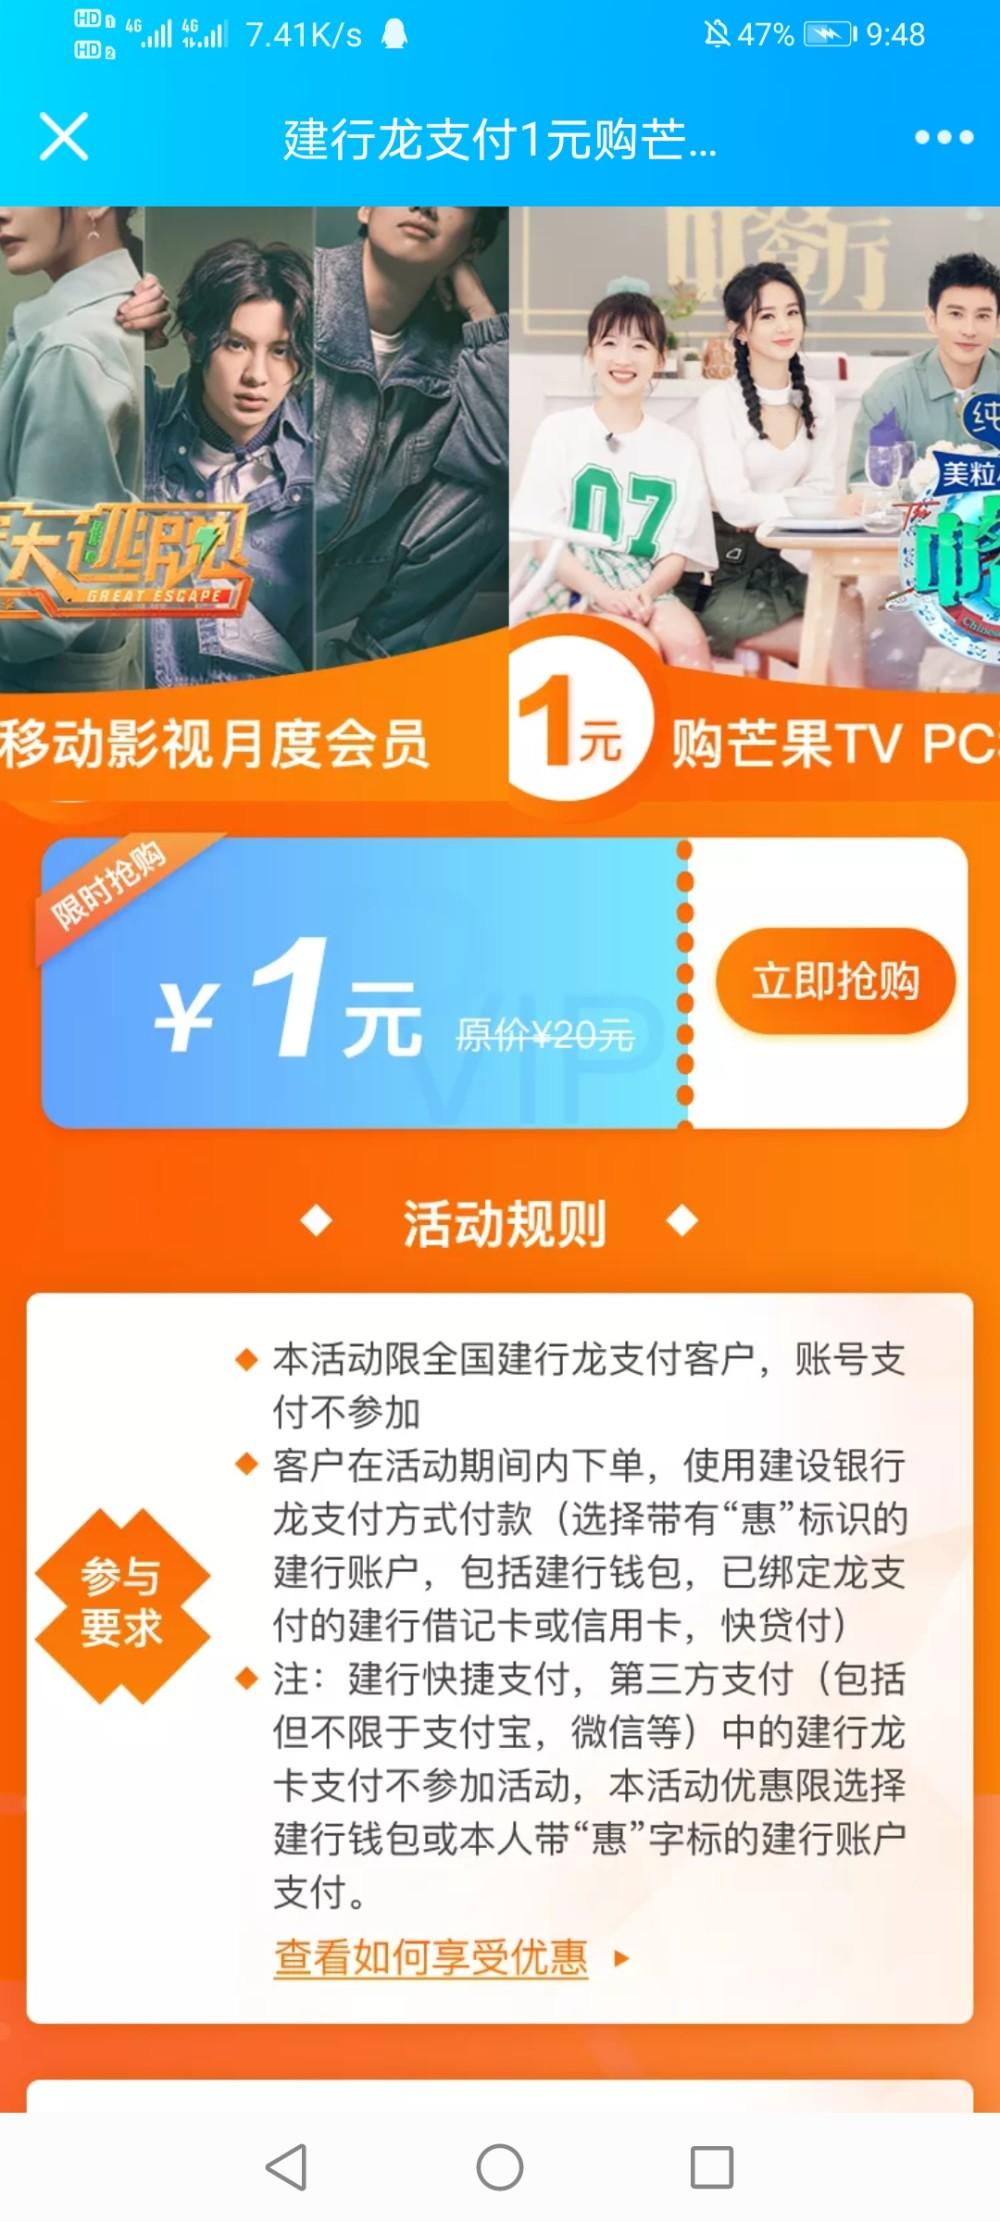 图片[2]-建设银行1元购芒果会员-飞享资源网